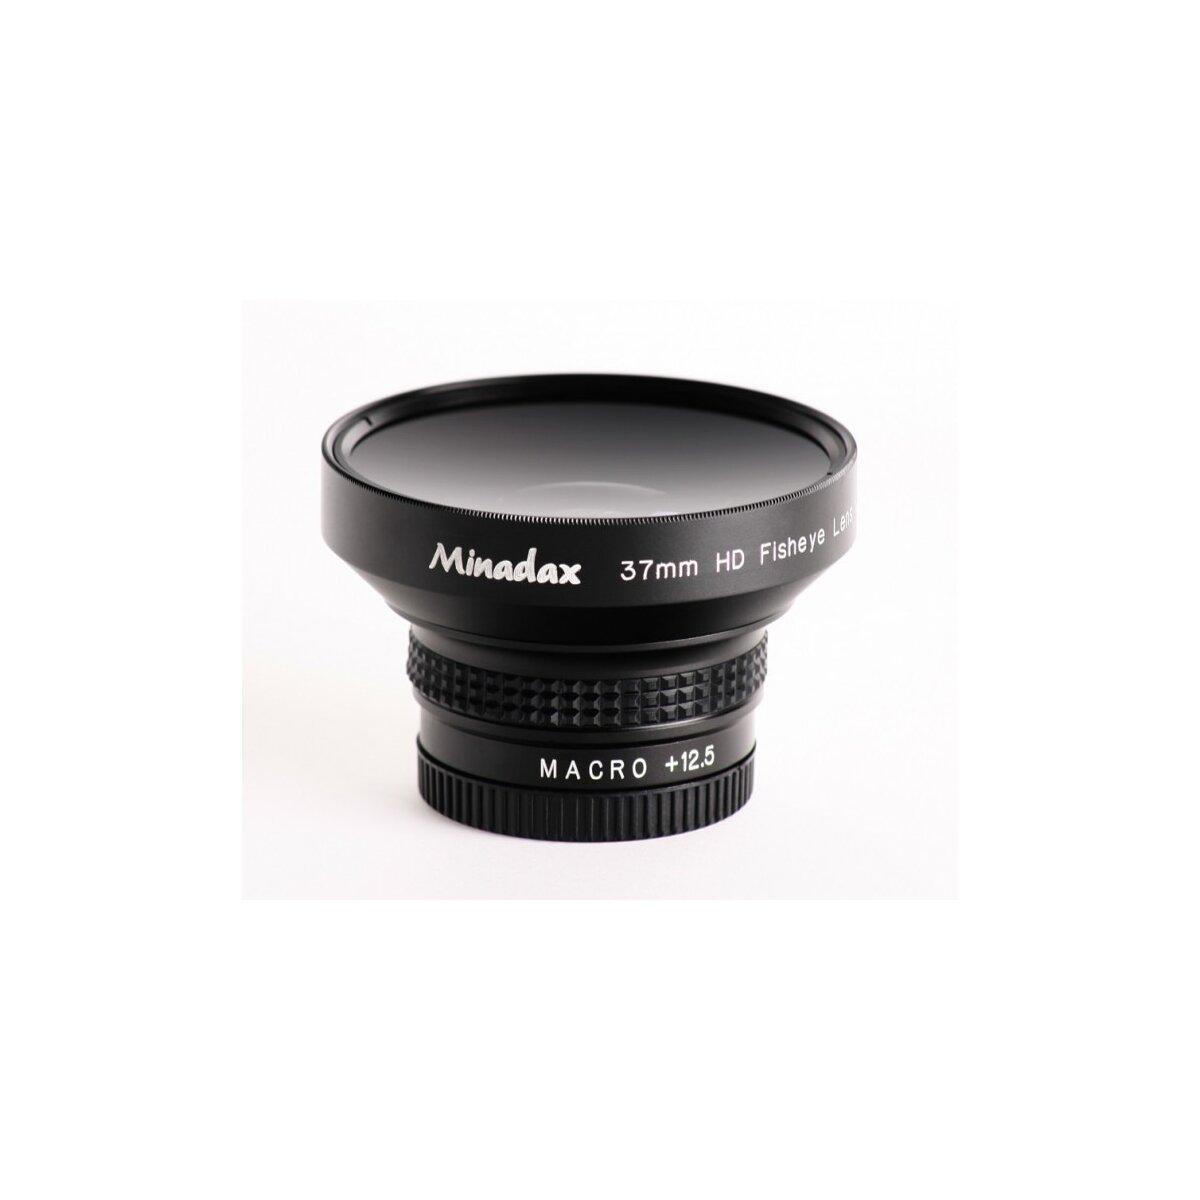 Minadax 0.25x Fisheye Vorsatz kompatibel mit Sony DCR-DVD404, DCR-DVD405, DCR-DVD410, DCR-DVD450, DCR-DVD505, DCR-DVD510, HDR-XR160, HDR-PJ30, HDR-CX360VE - in schwarz